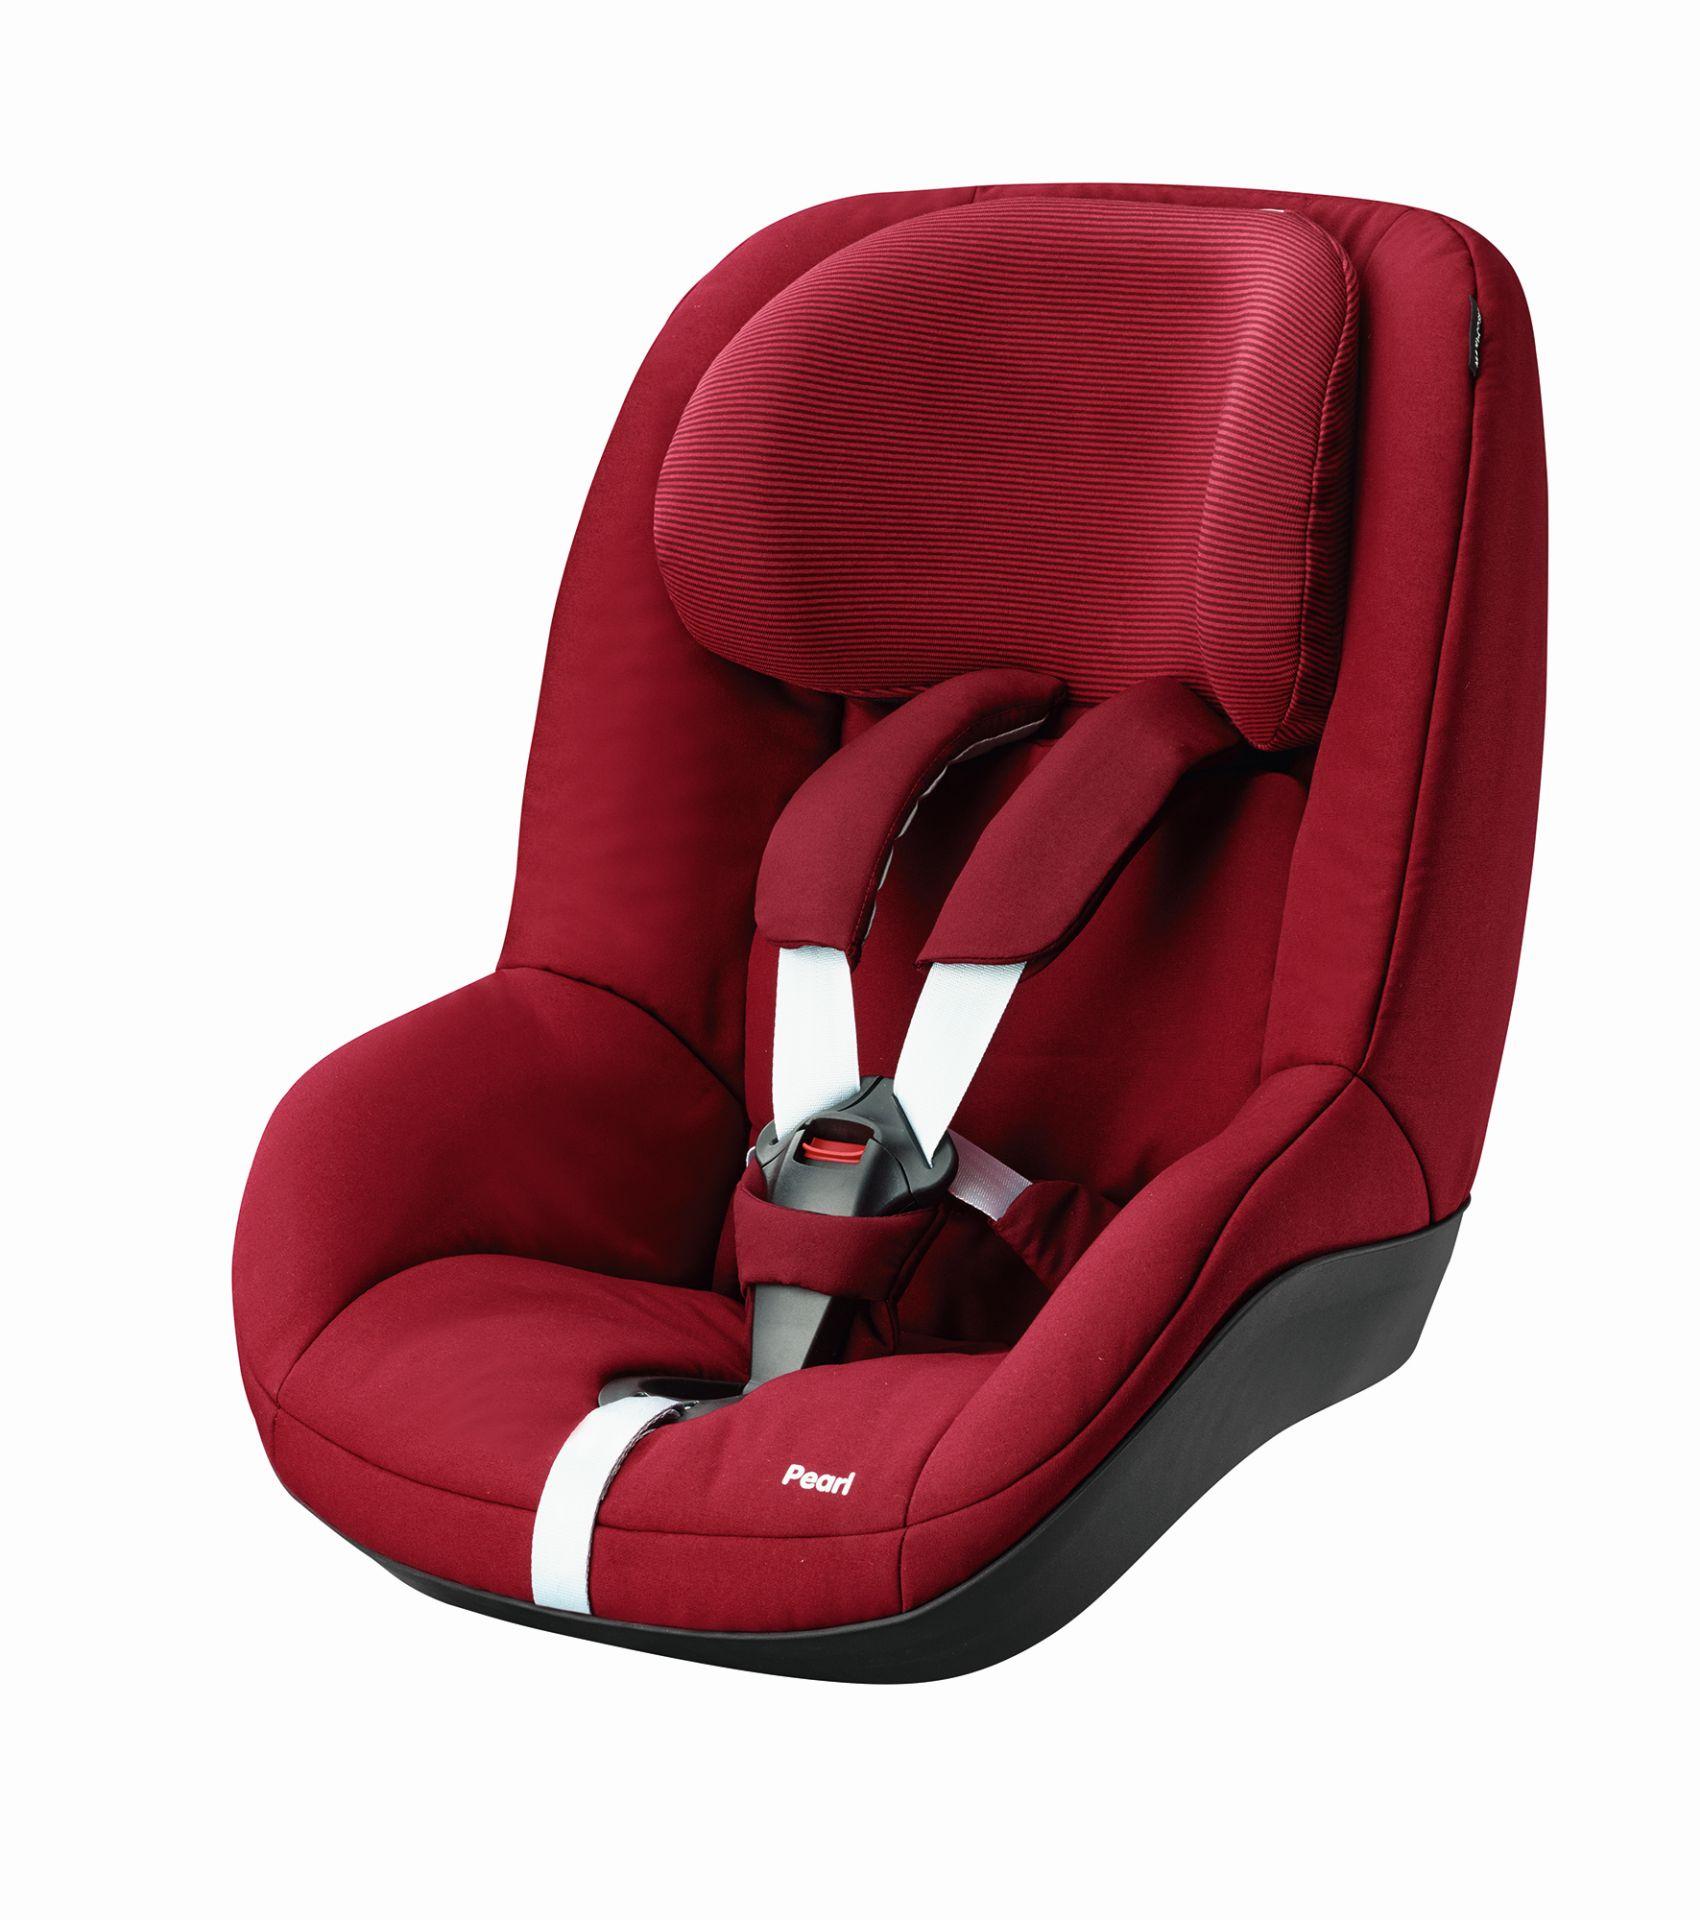 maxi cosi silla de coche pearl comprar en kidsroom de sillas de coche. Black Bedroom Furniture Sets. Home Design Ideas